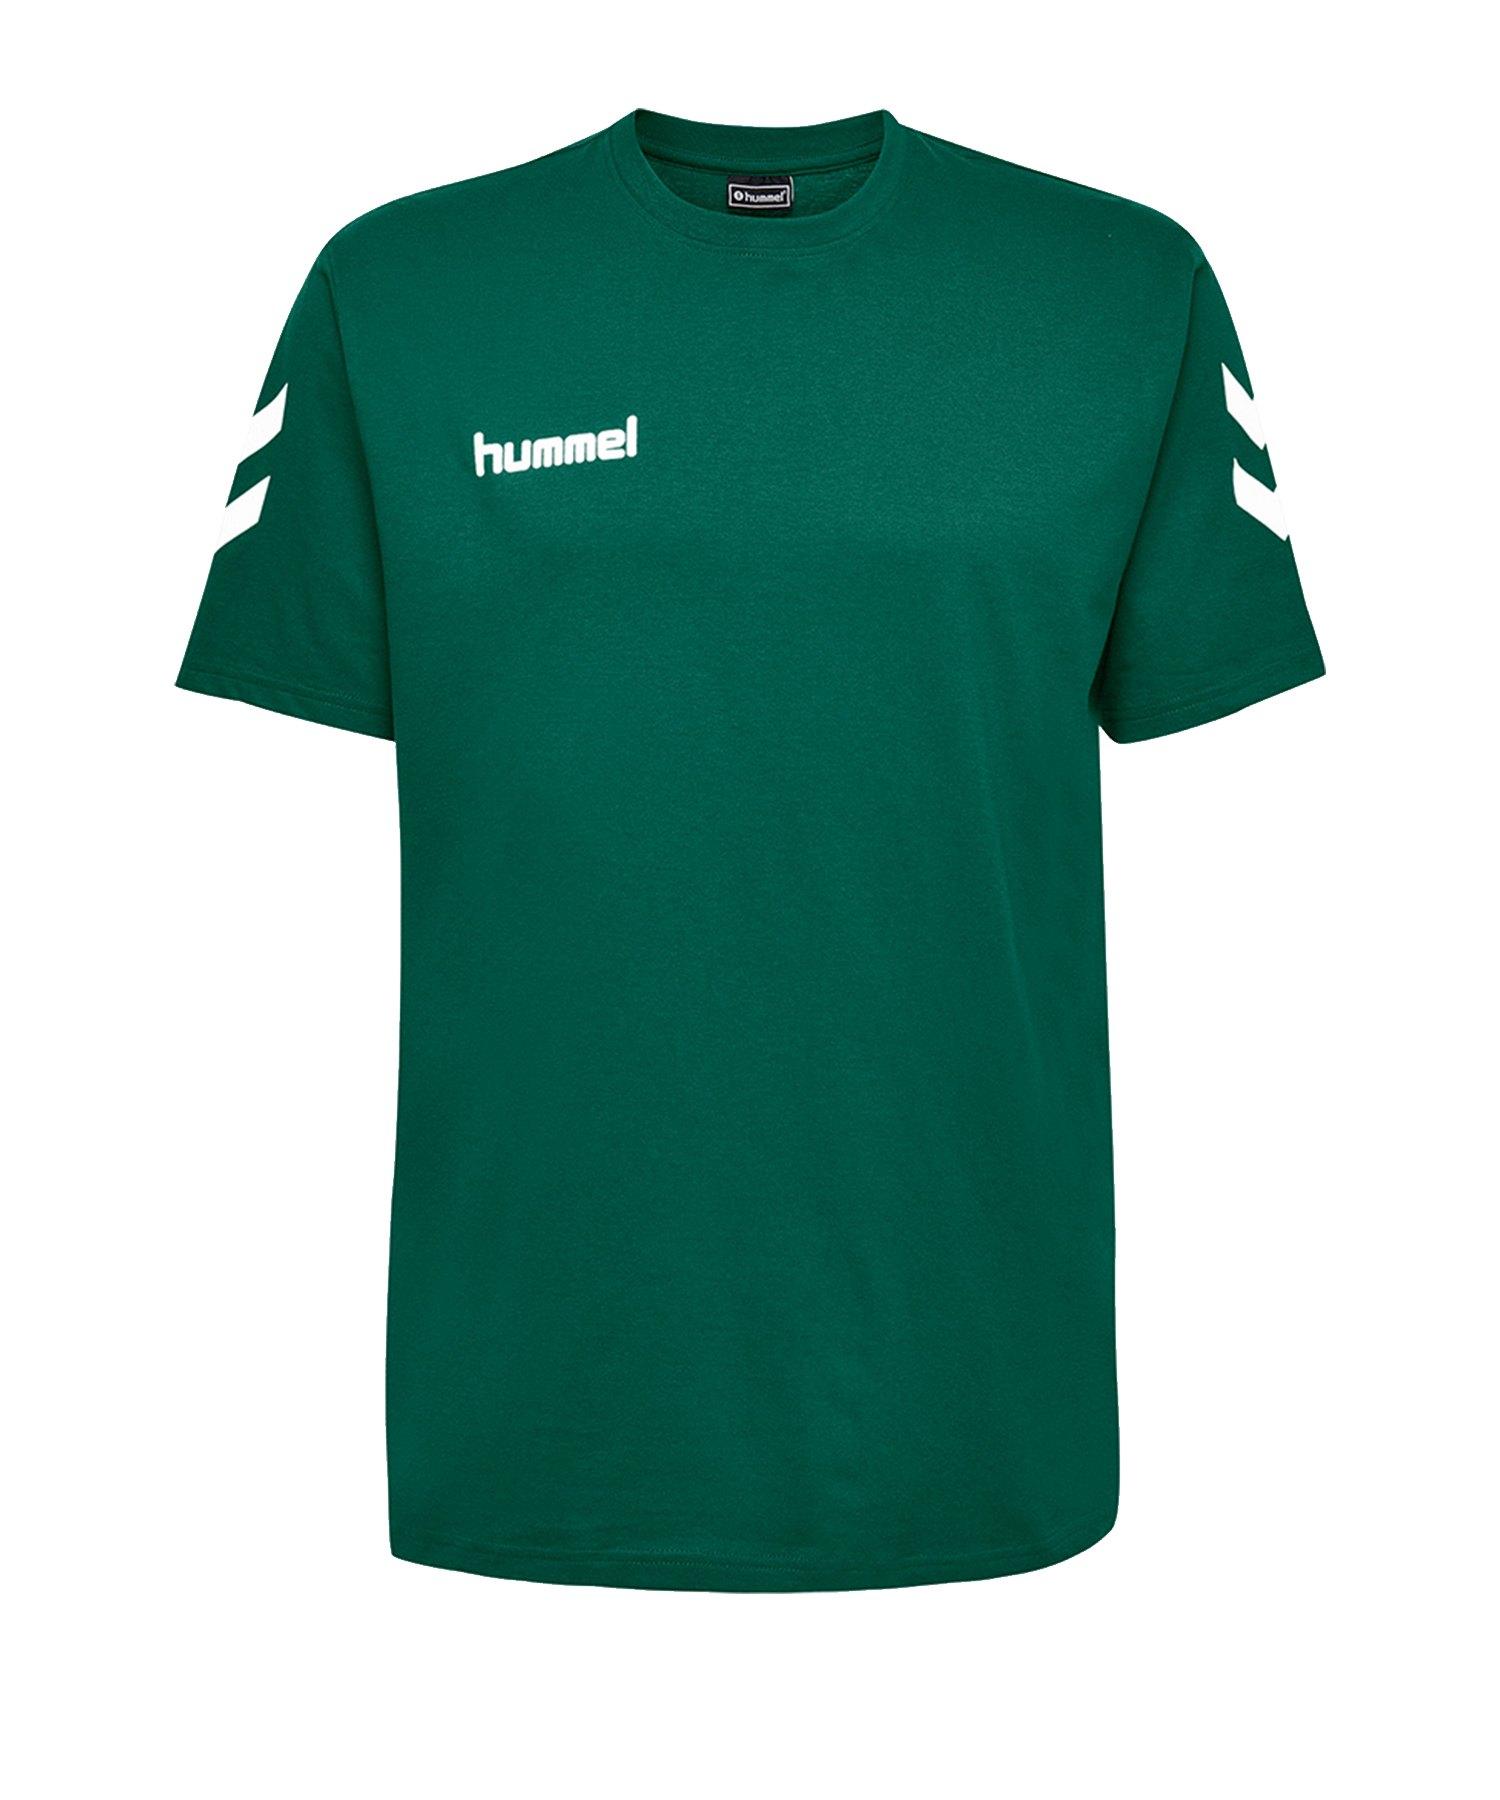 Hummel Cotton T-Shirt Grün F6140 - Gruen